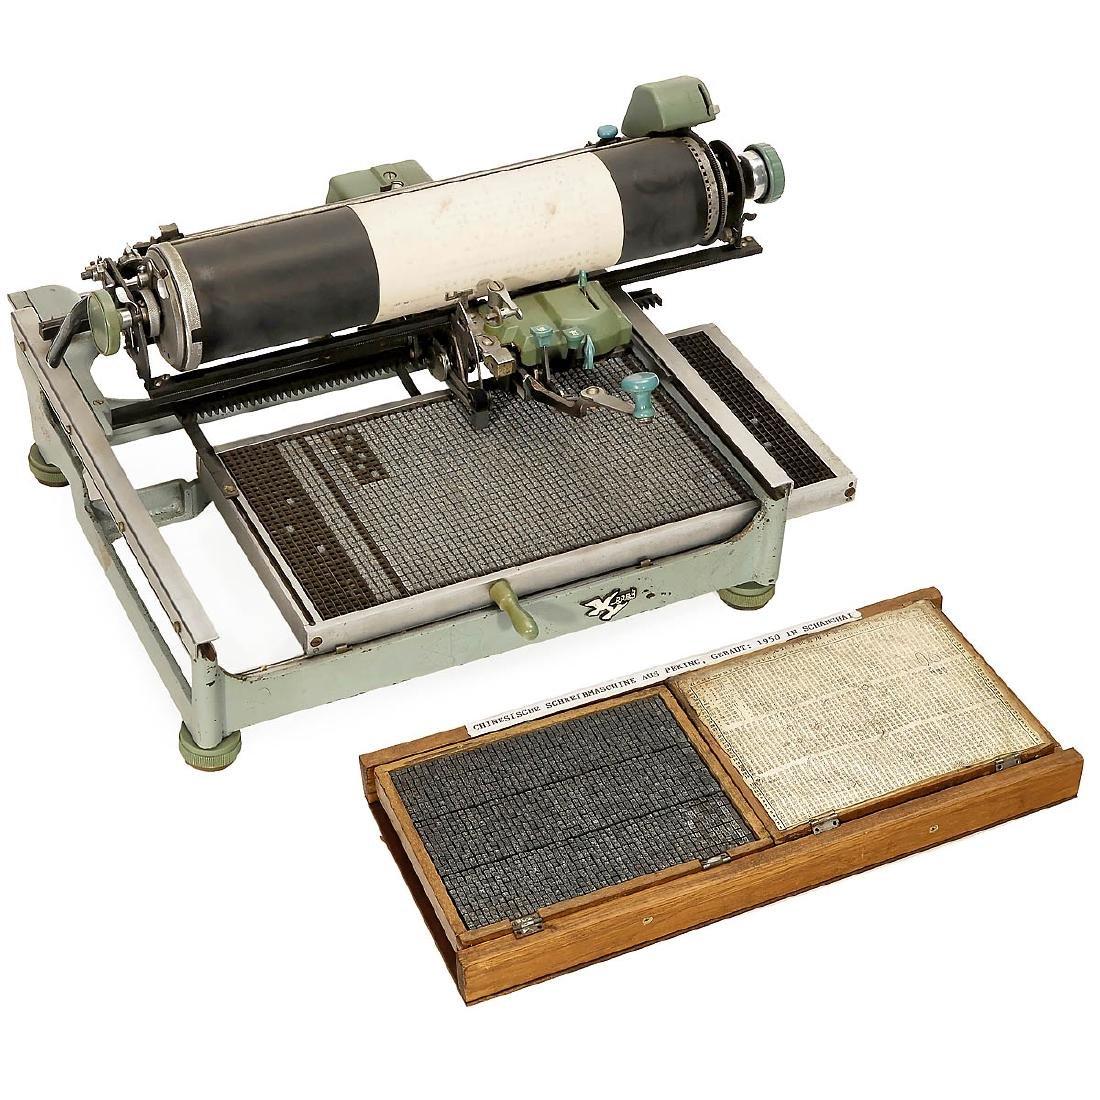 Chinese Mechanical Typewriter, c. 1955